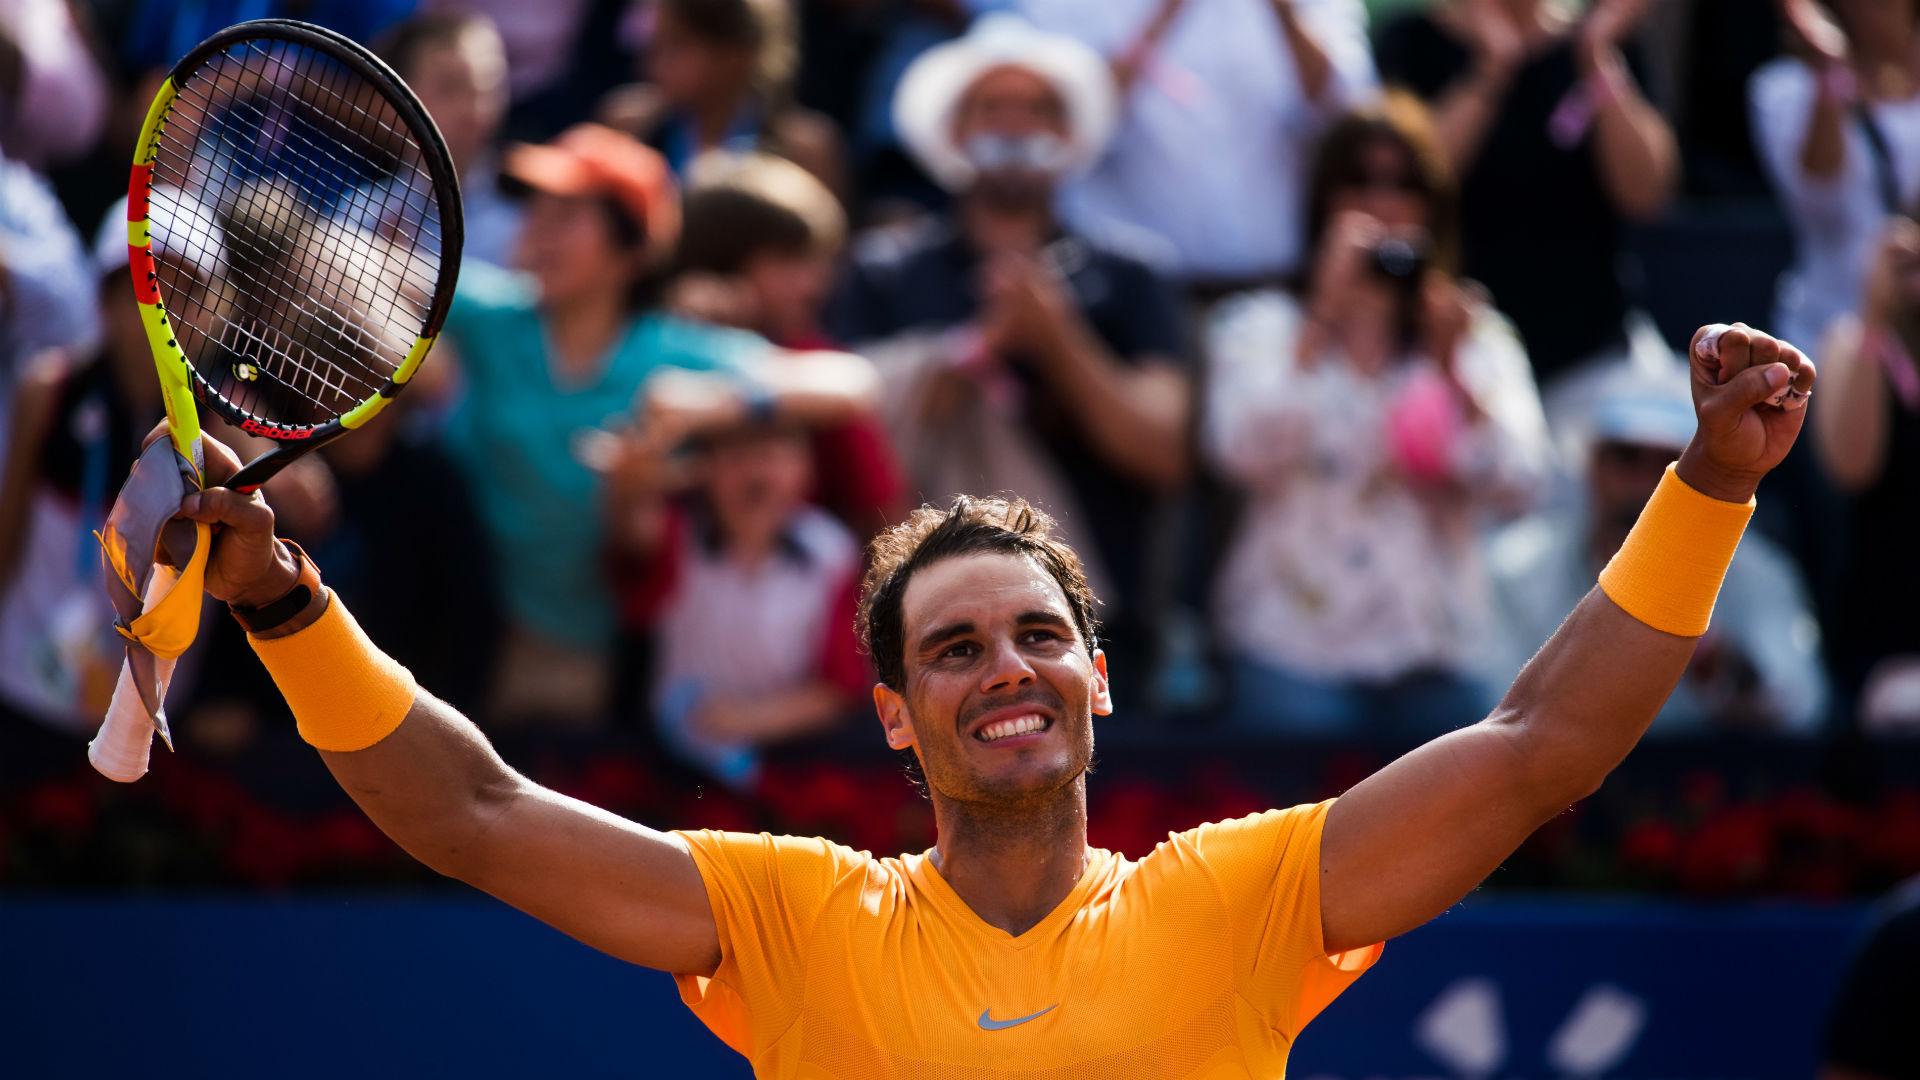 「Nadal 巴塞隆納」的圖片搜尋結果